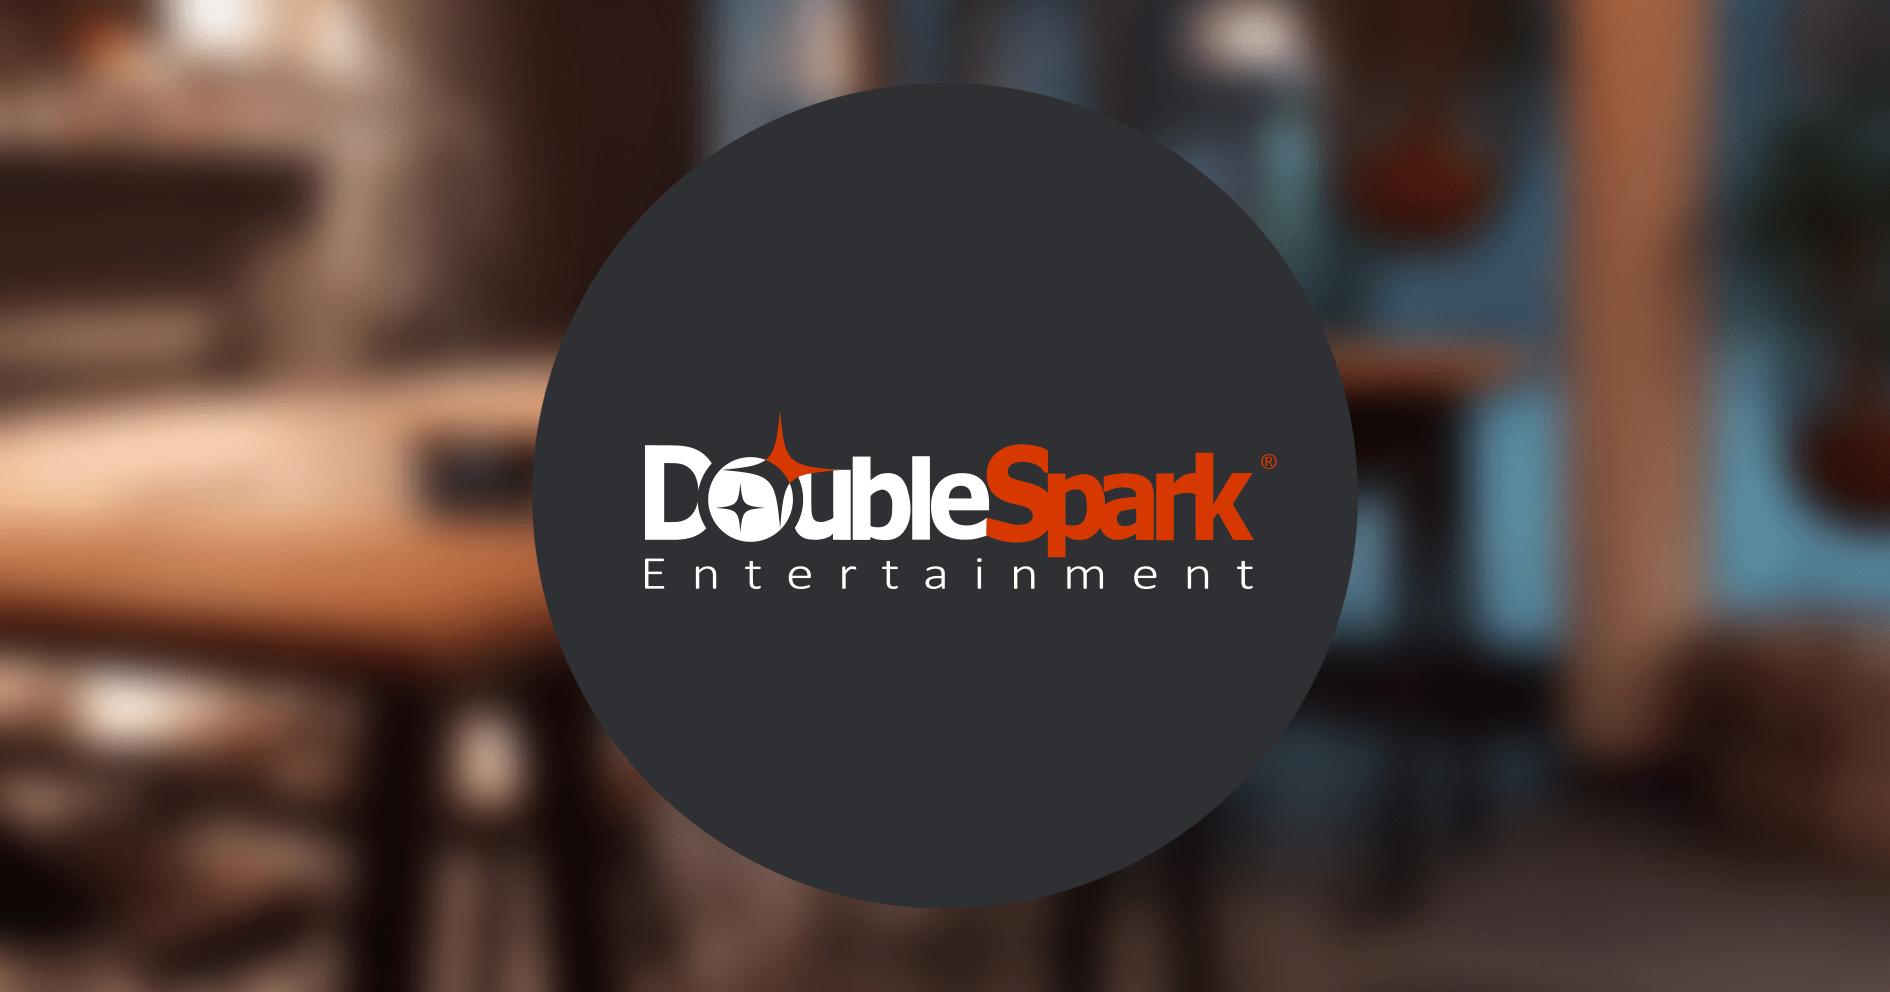 DoubleSpark Entertainment